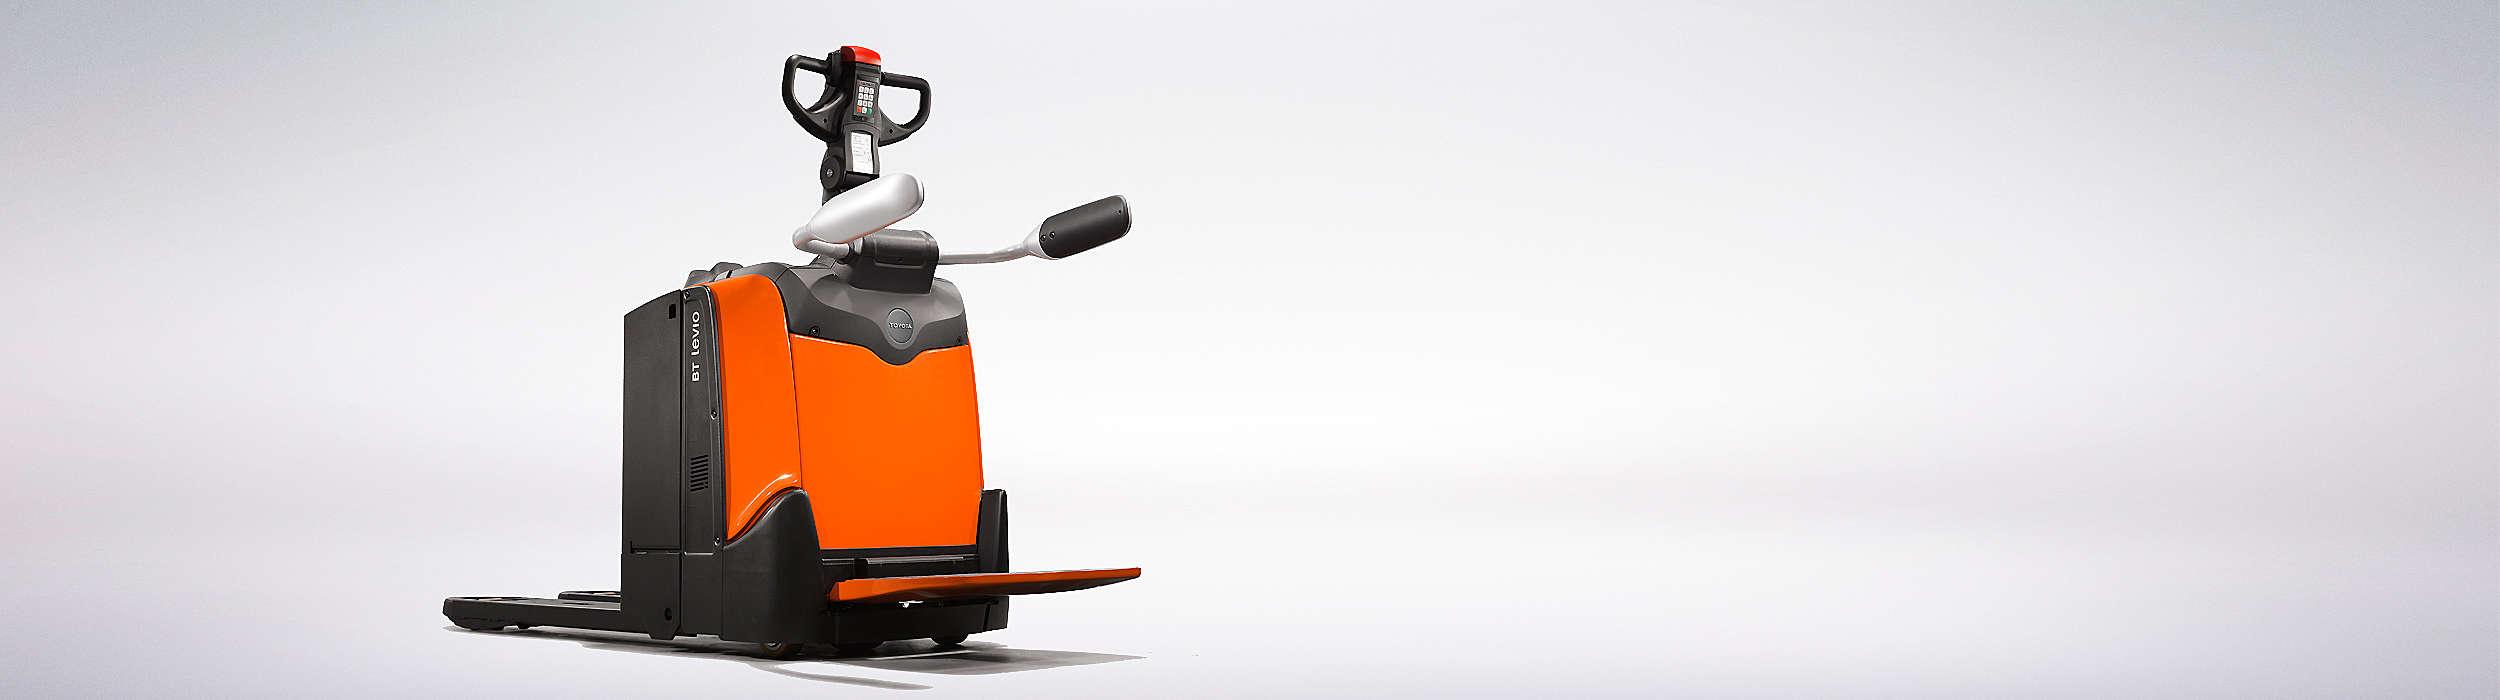 Die Niederhubwagen der BT Levio P-Serie zeichnen sich durch hohe Leistungsfähigkeit und Geschwindigkeit aus.